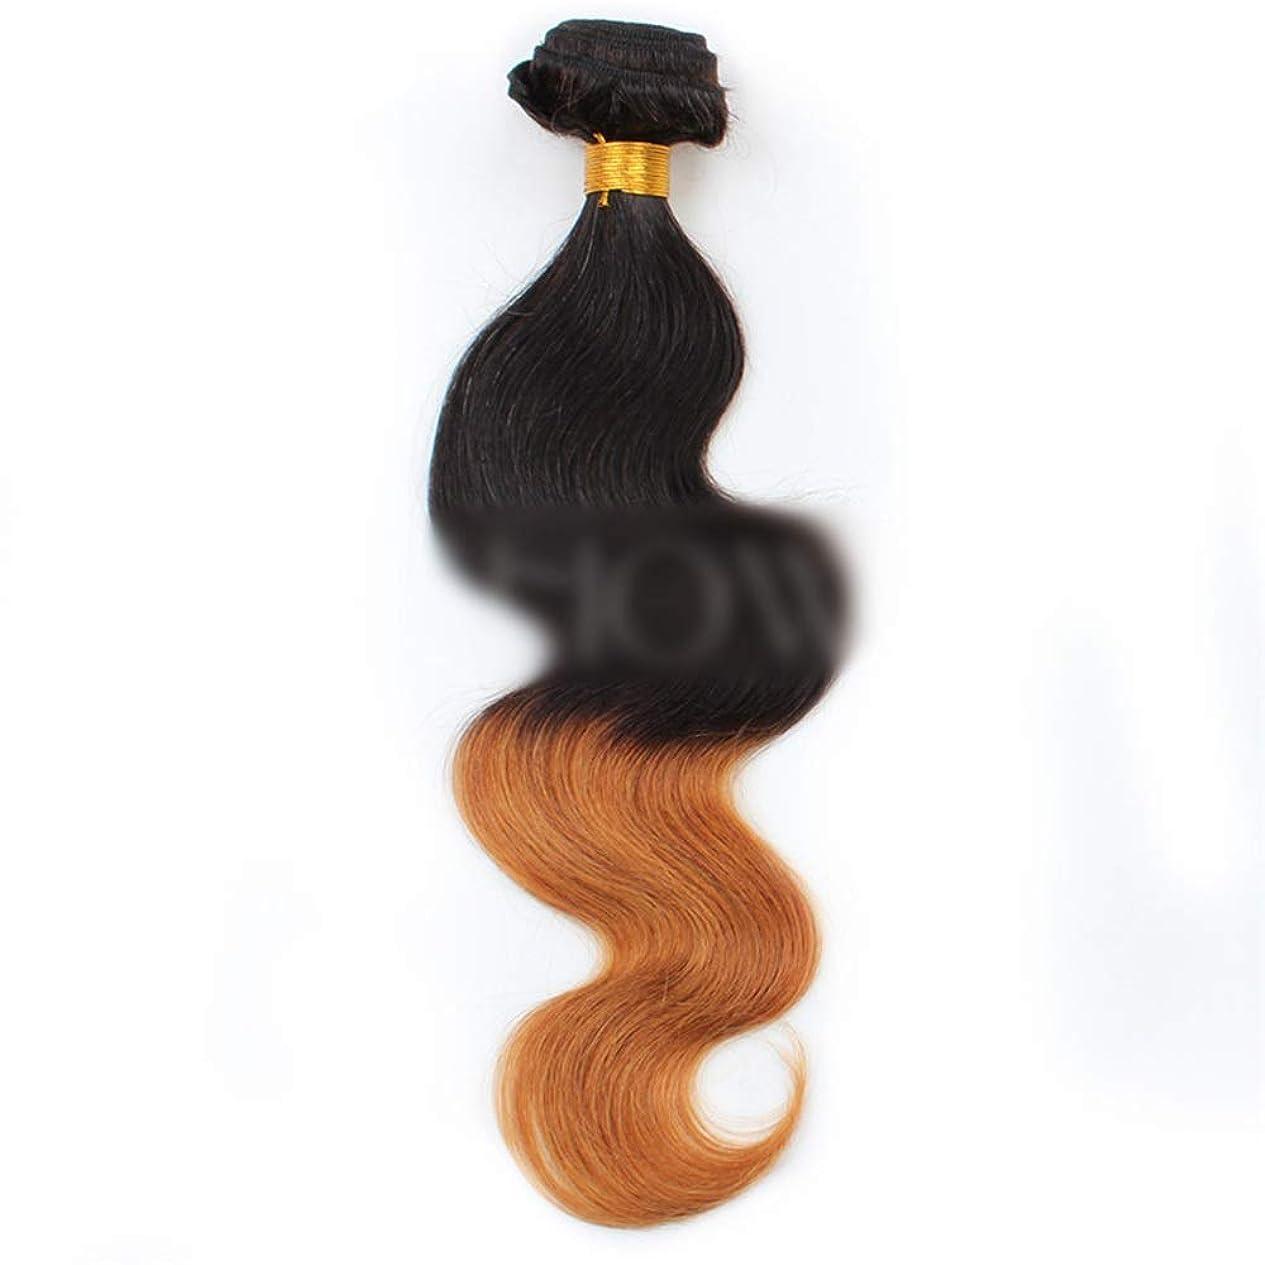 喪添加剤野球BOBIDYEE ブラジルの人間の髪の毛のボディ織り方ヘアエクステンション-1B / 30#黒から茶色へのグラデーショングラデーションカラー髪の織り方1バンドル、100g合成髪レースかつらロールプレイングかつら長くて短い女性自然 (色 : ブラウン, サイズ : 12 inch)